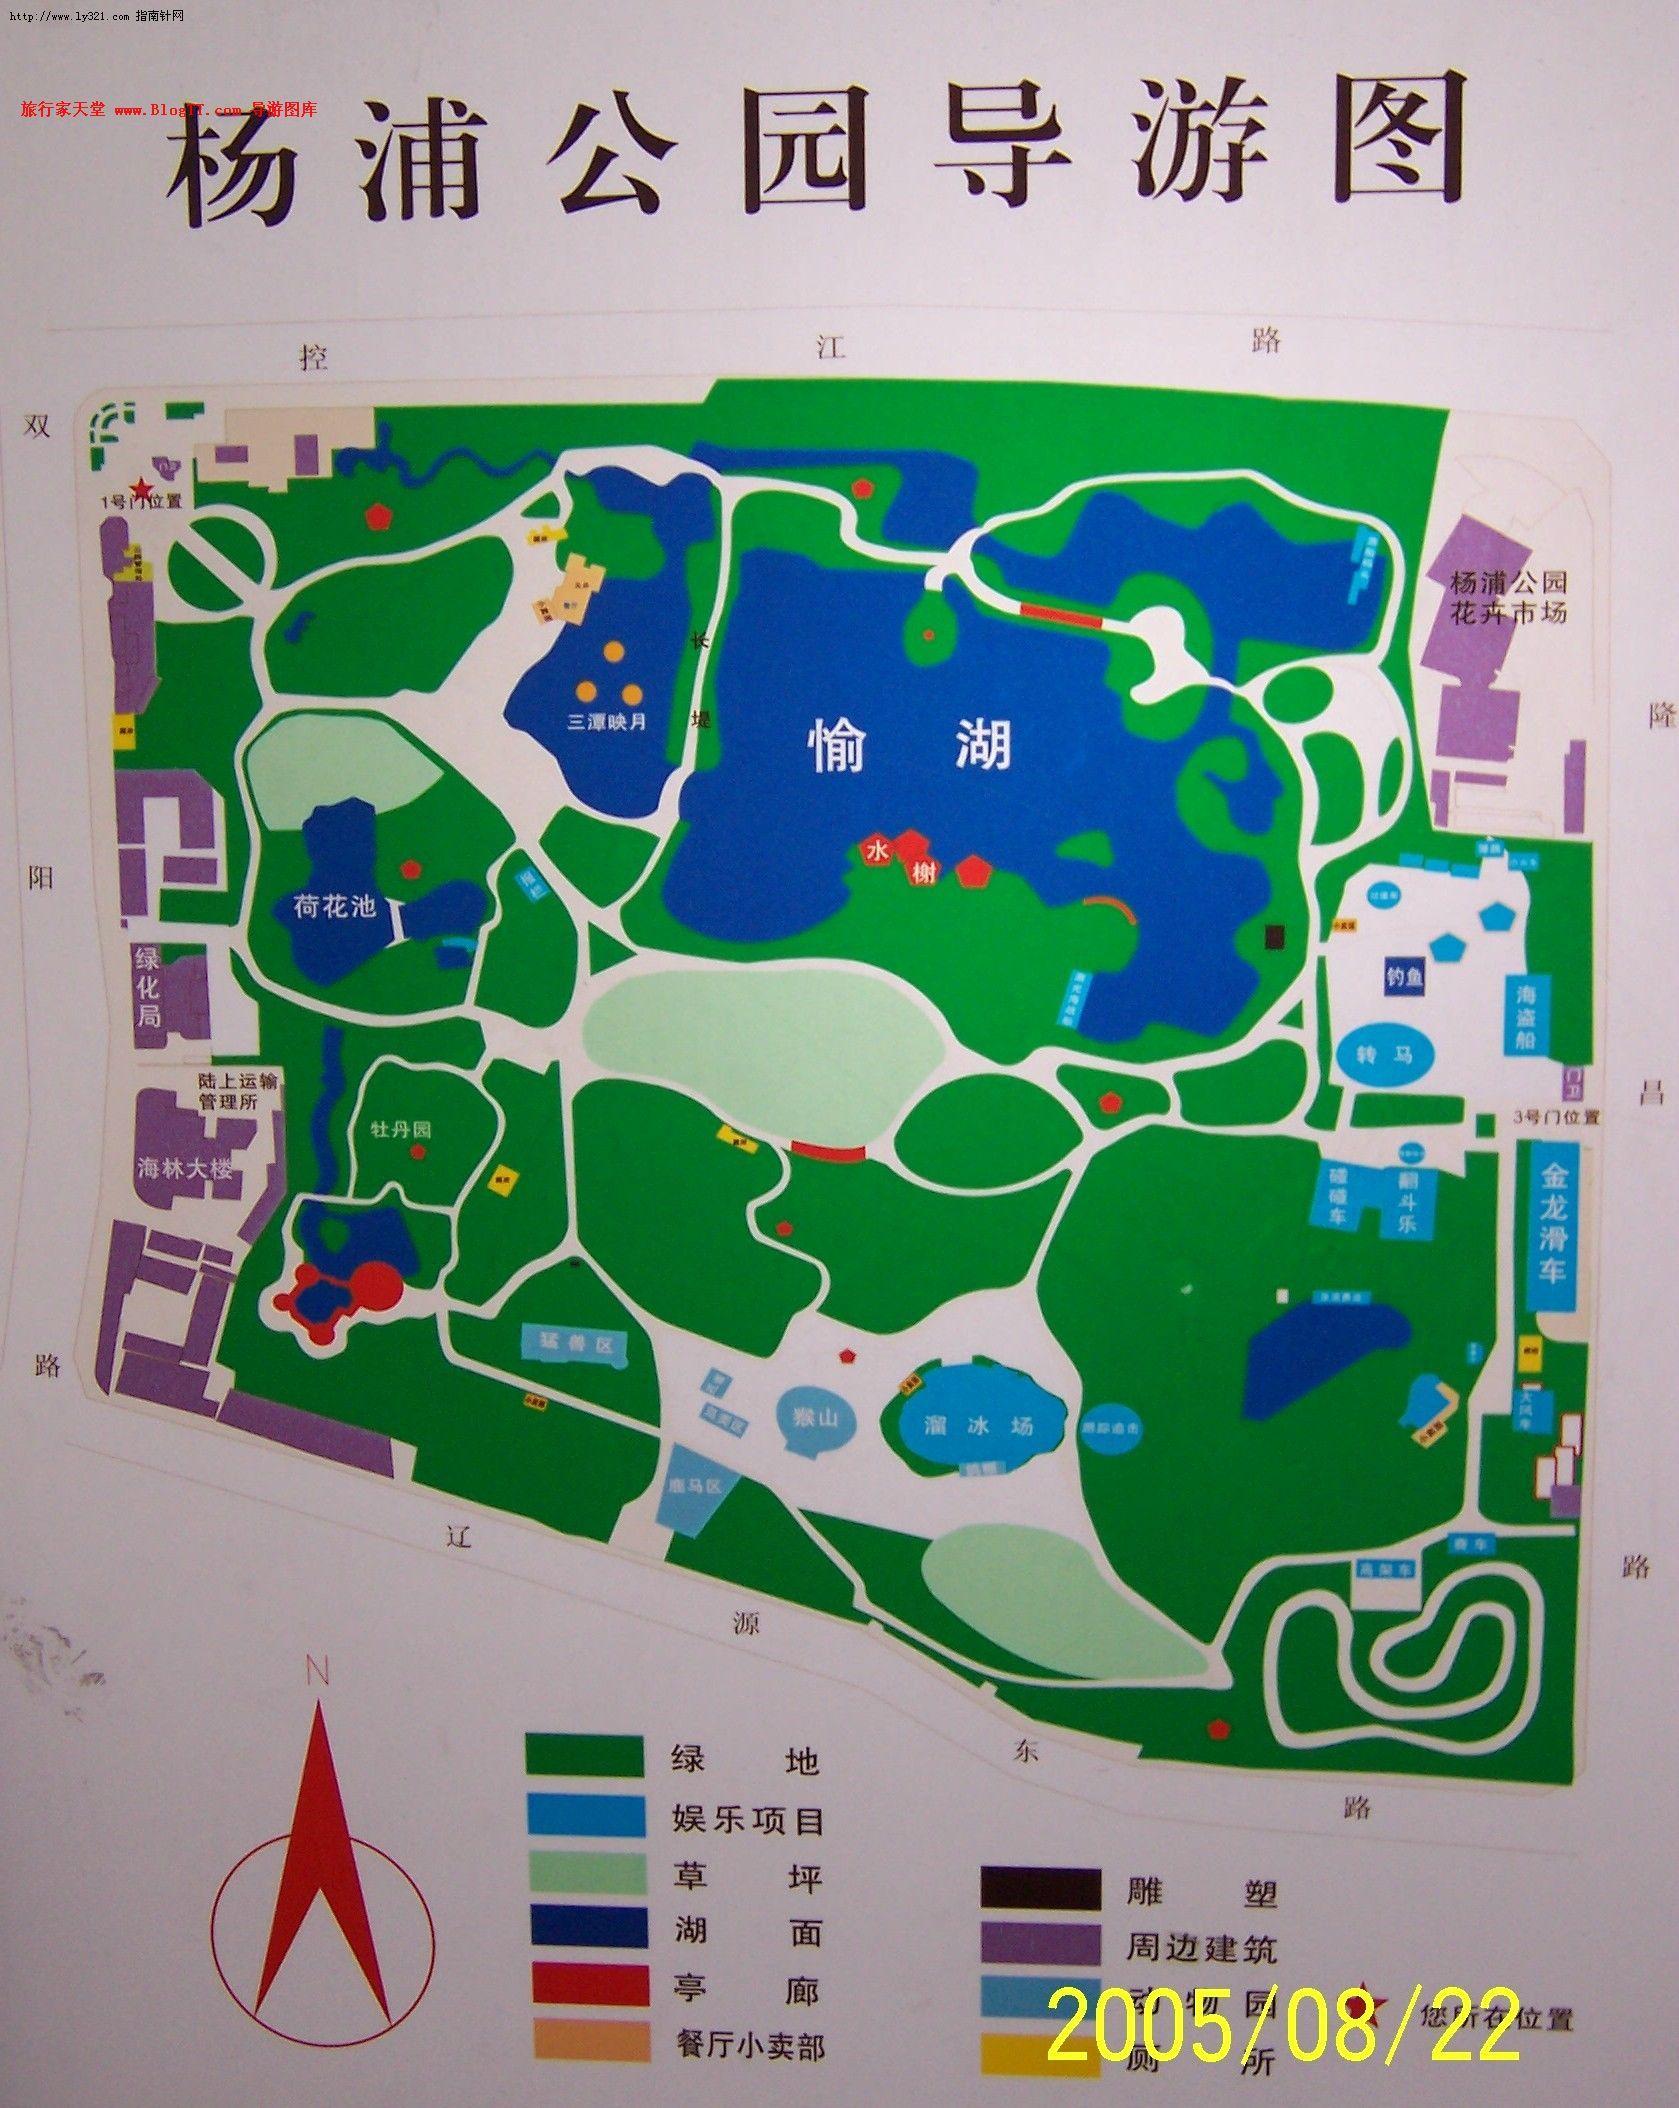 浙江旅游景点大全_上海杨浦公园导游地图_上海旅游地图库_地图窝